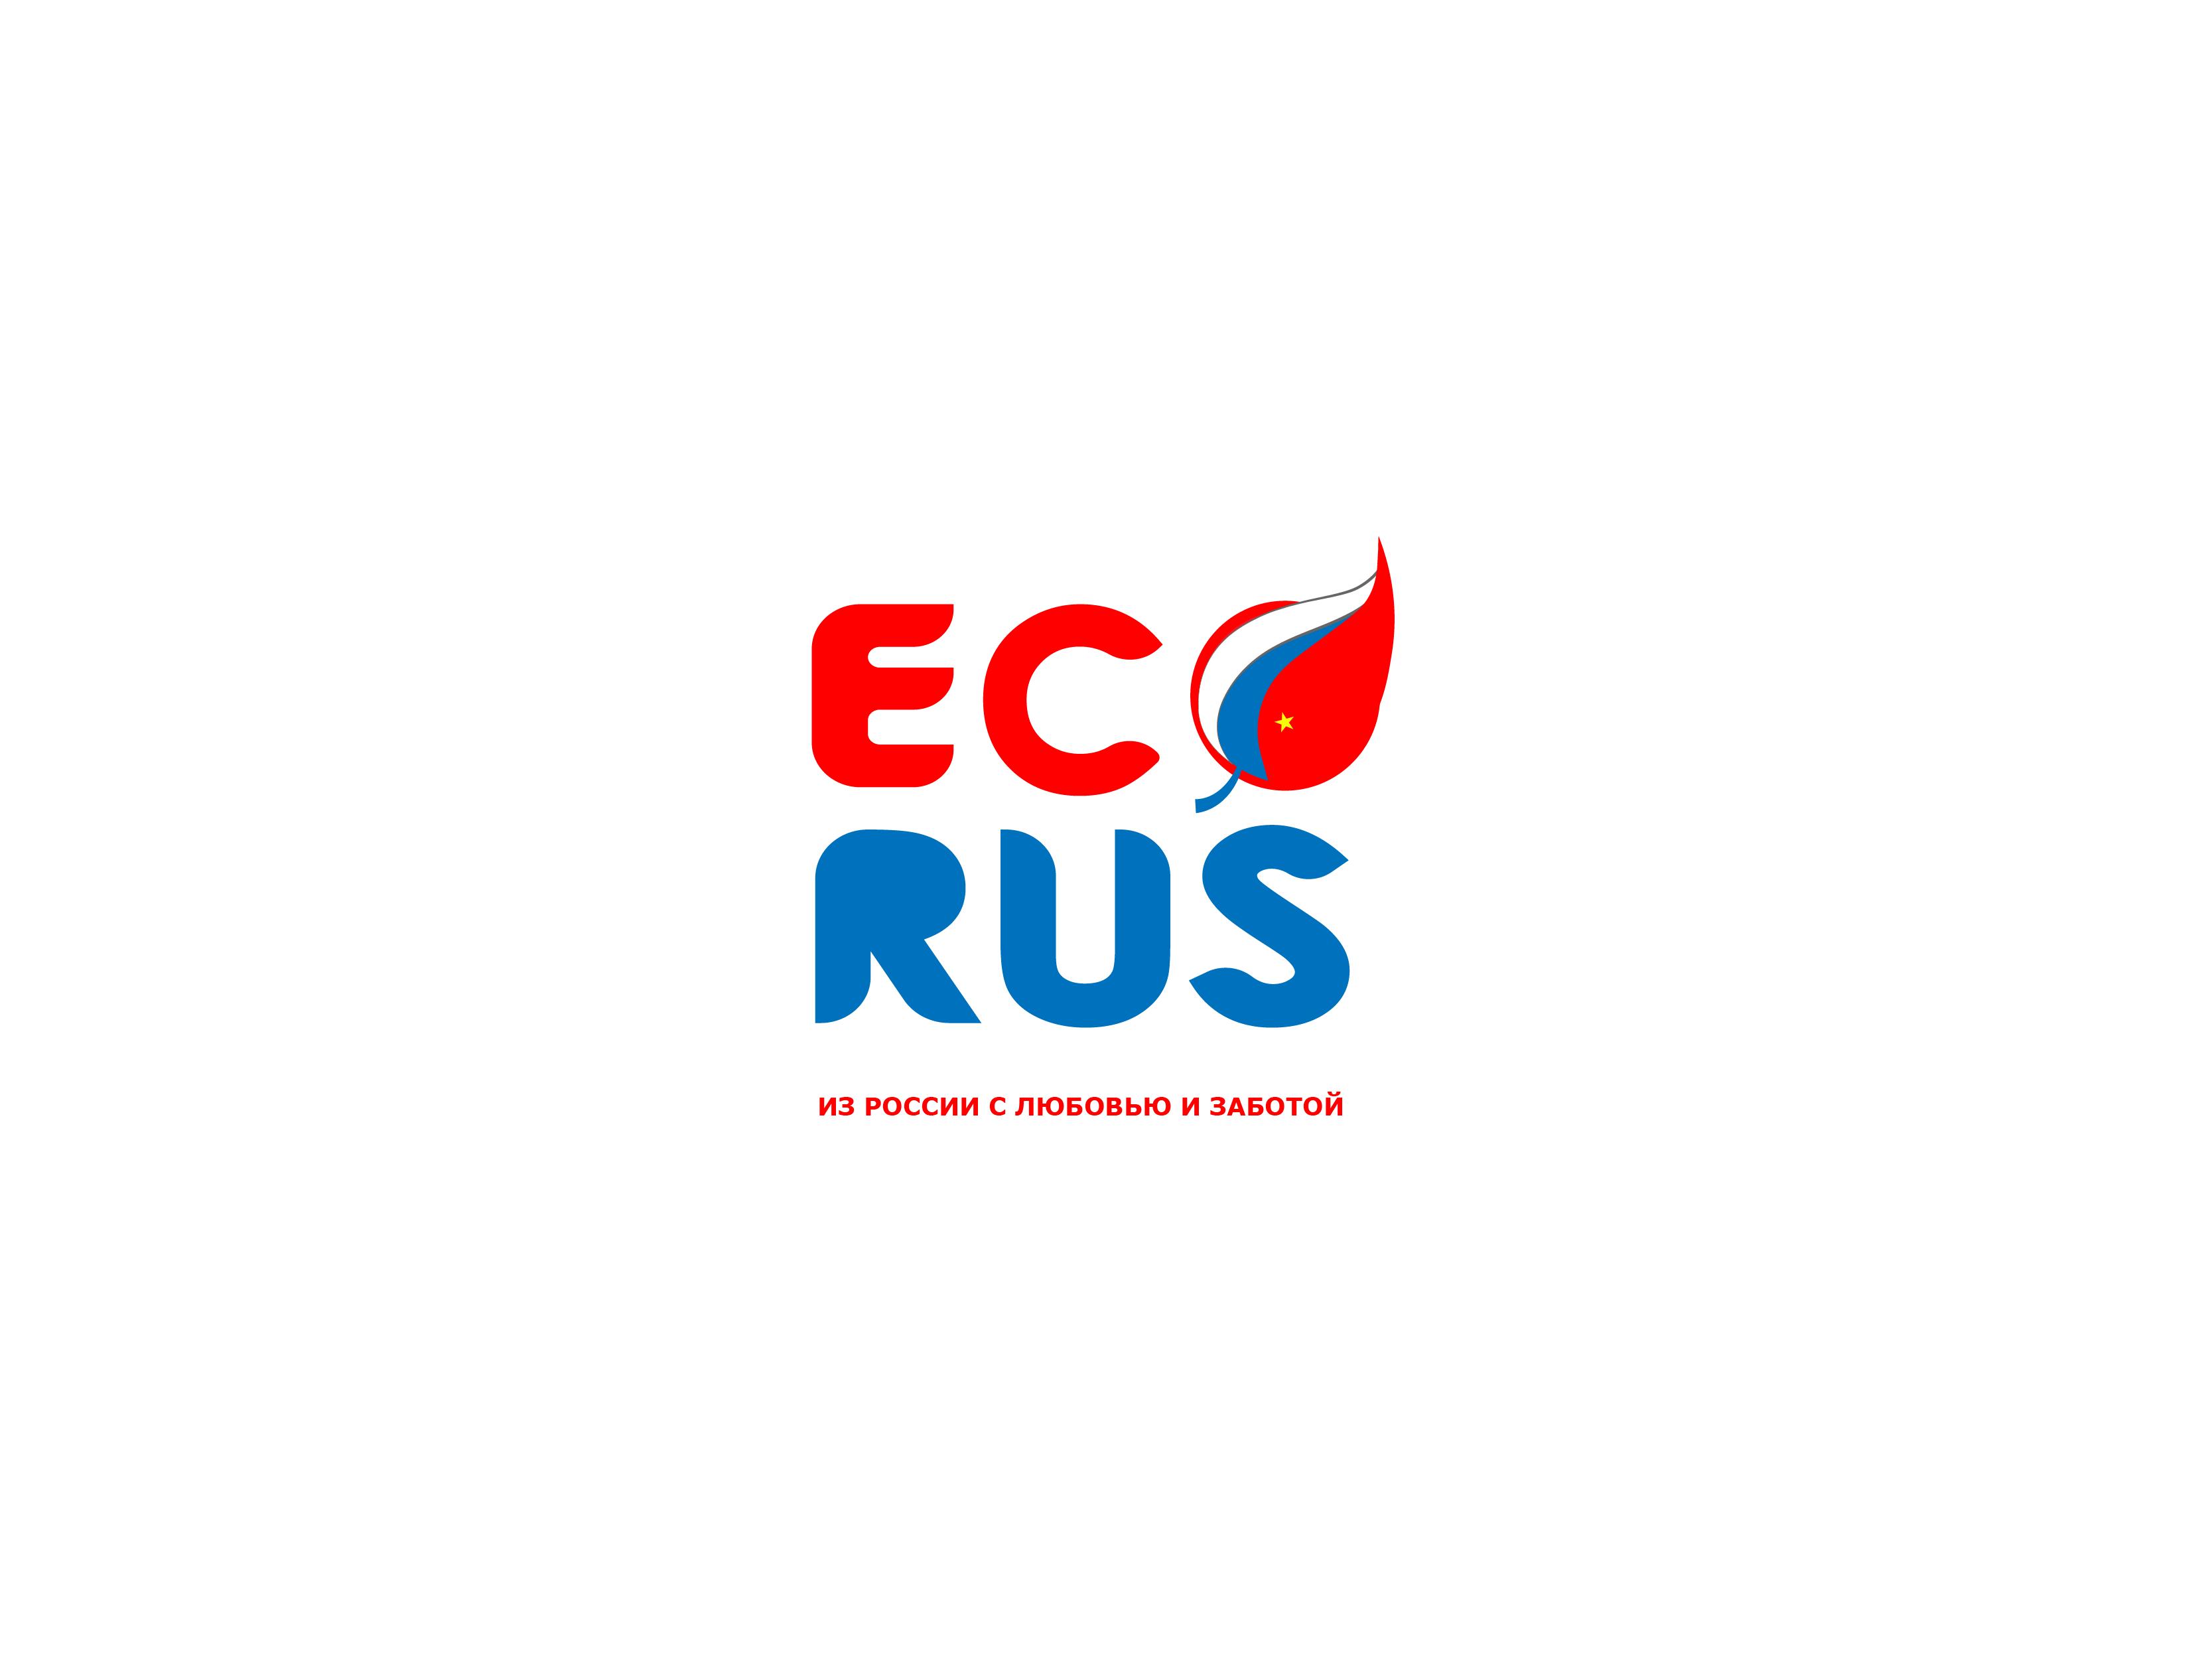 Логотип для поставщика продуктов питания из России в Китай фото f_4595ea856f202e67.png